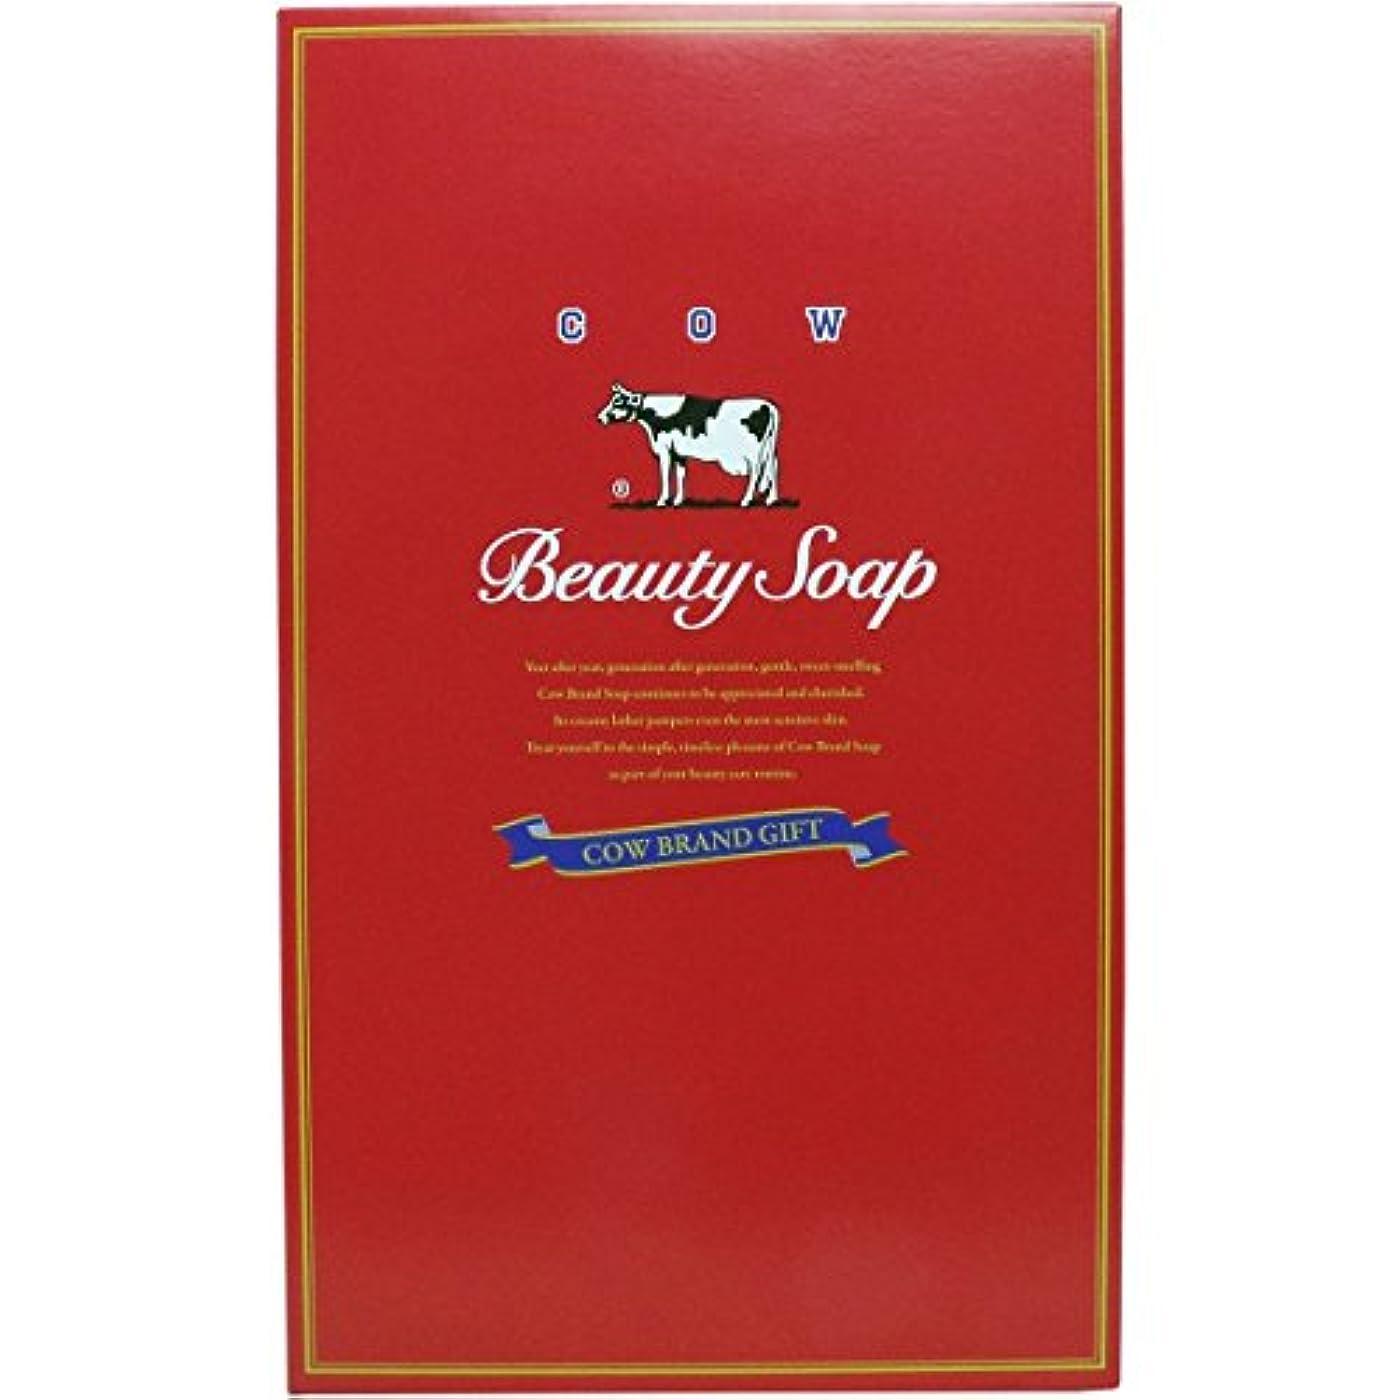 徹底的にの量レビュアー牛乳石鹸共進社 カウブランド石鹸 赤箱 100g×10個×16箱